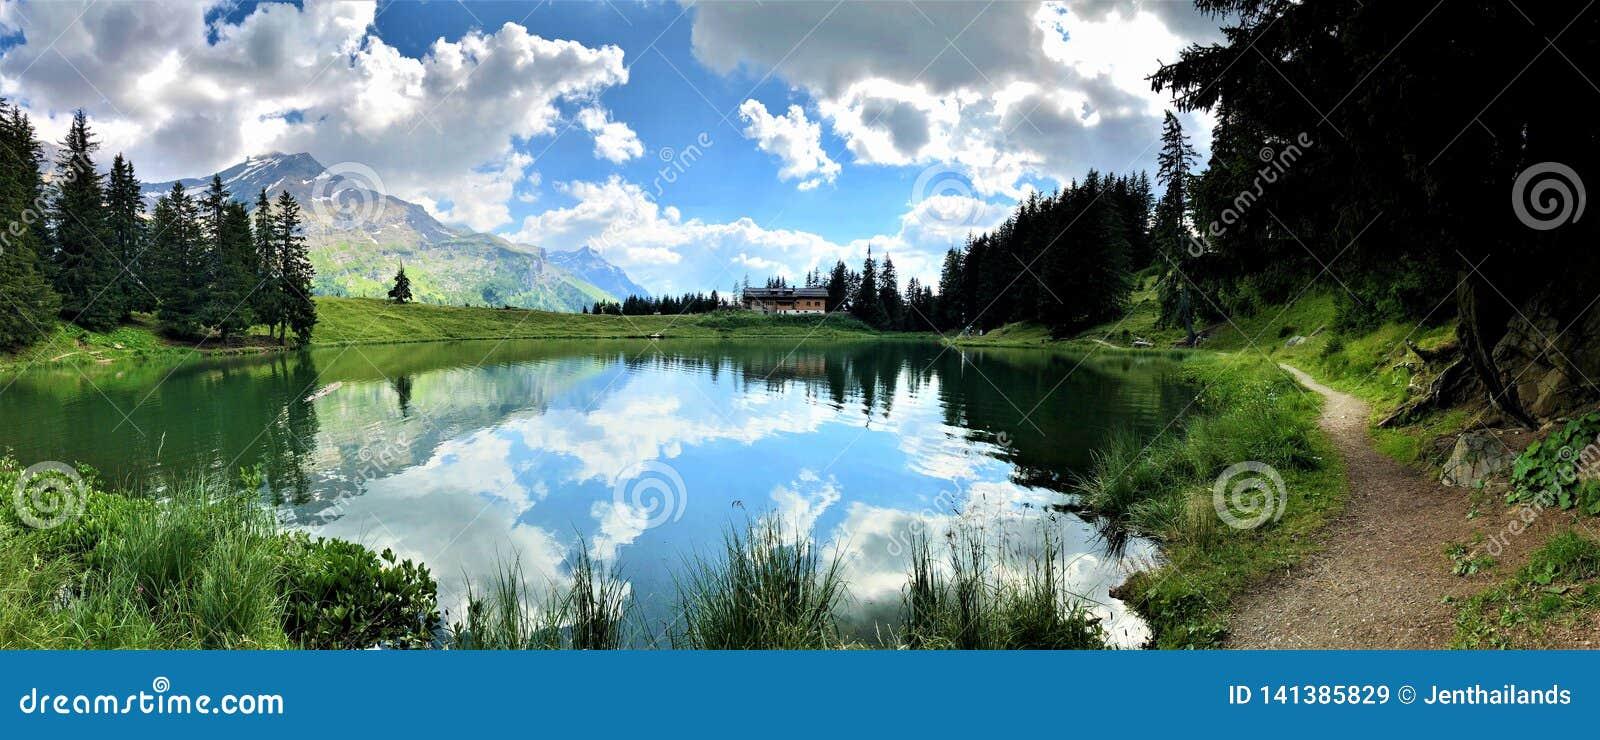 Förbluffa sikt av en liten bergsjö, spegeleffekt